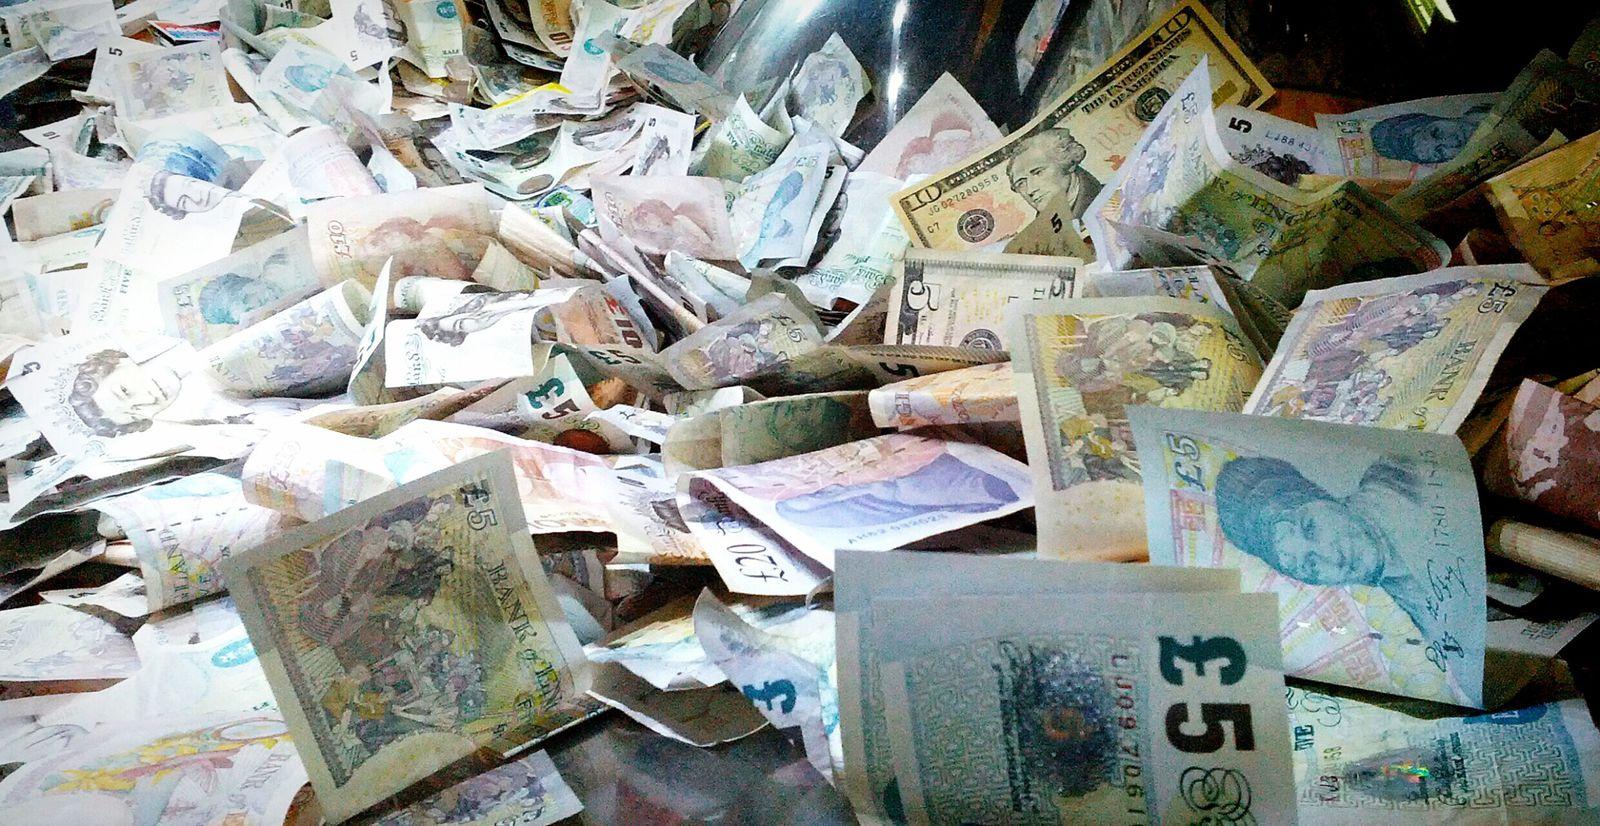 Un tas de billets pour illustrer une condamnation financière